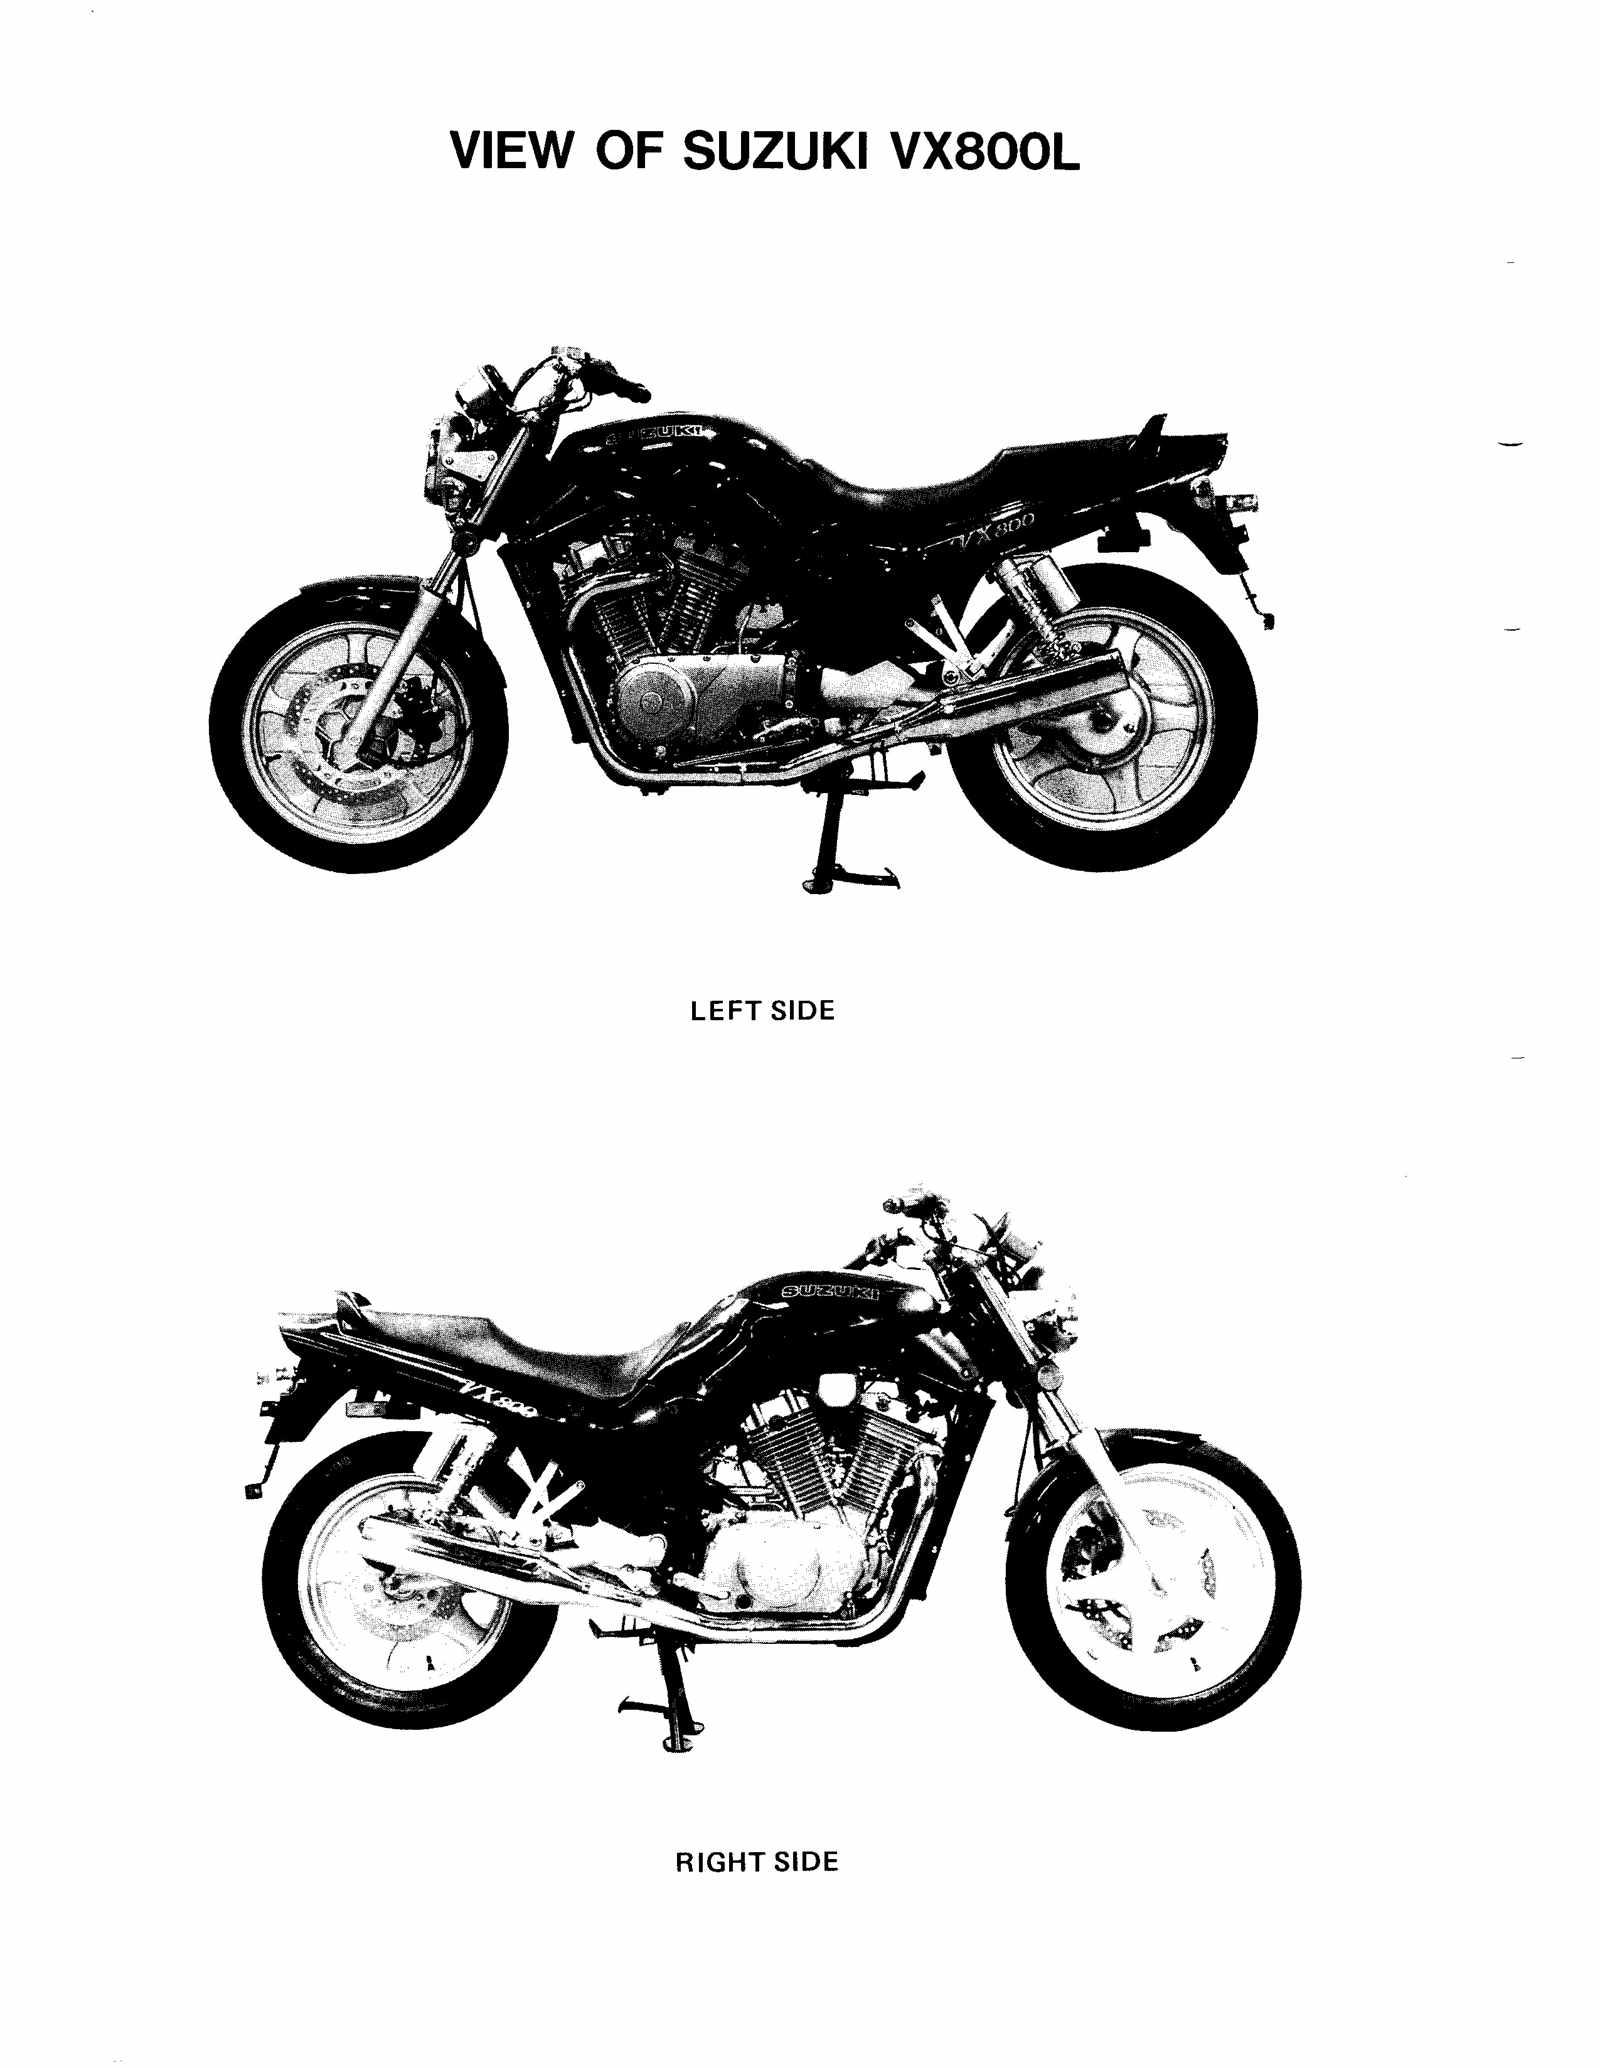 Suzuki VX800 L M N P 90-93 Service Manual Free Download